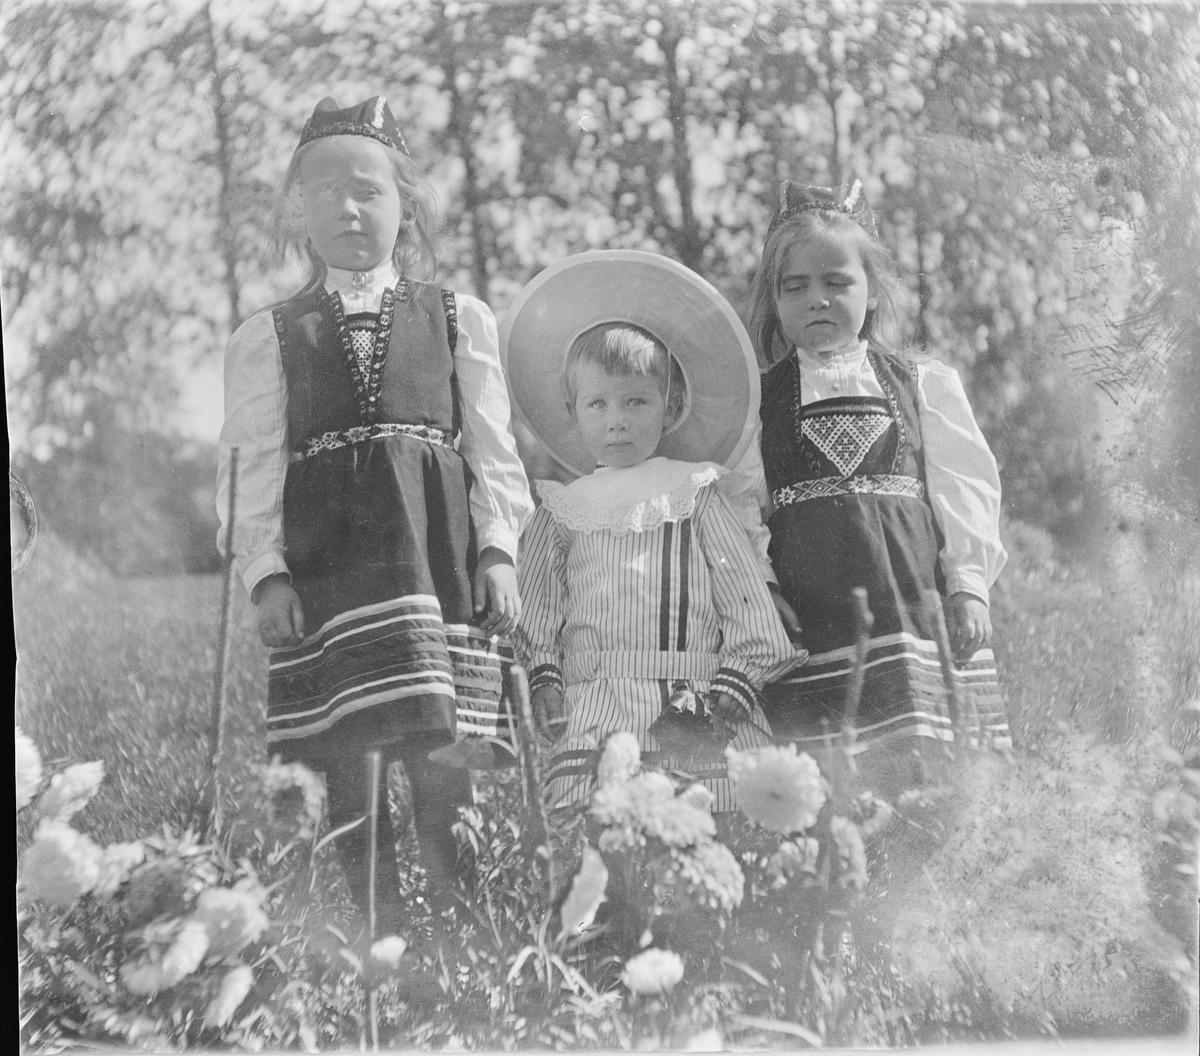 To jenter i hardangerbunad med perlet bringeduk og belte og en gutt står ved et blomsterbed fullt av georginer/dalia.